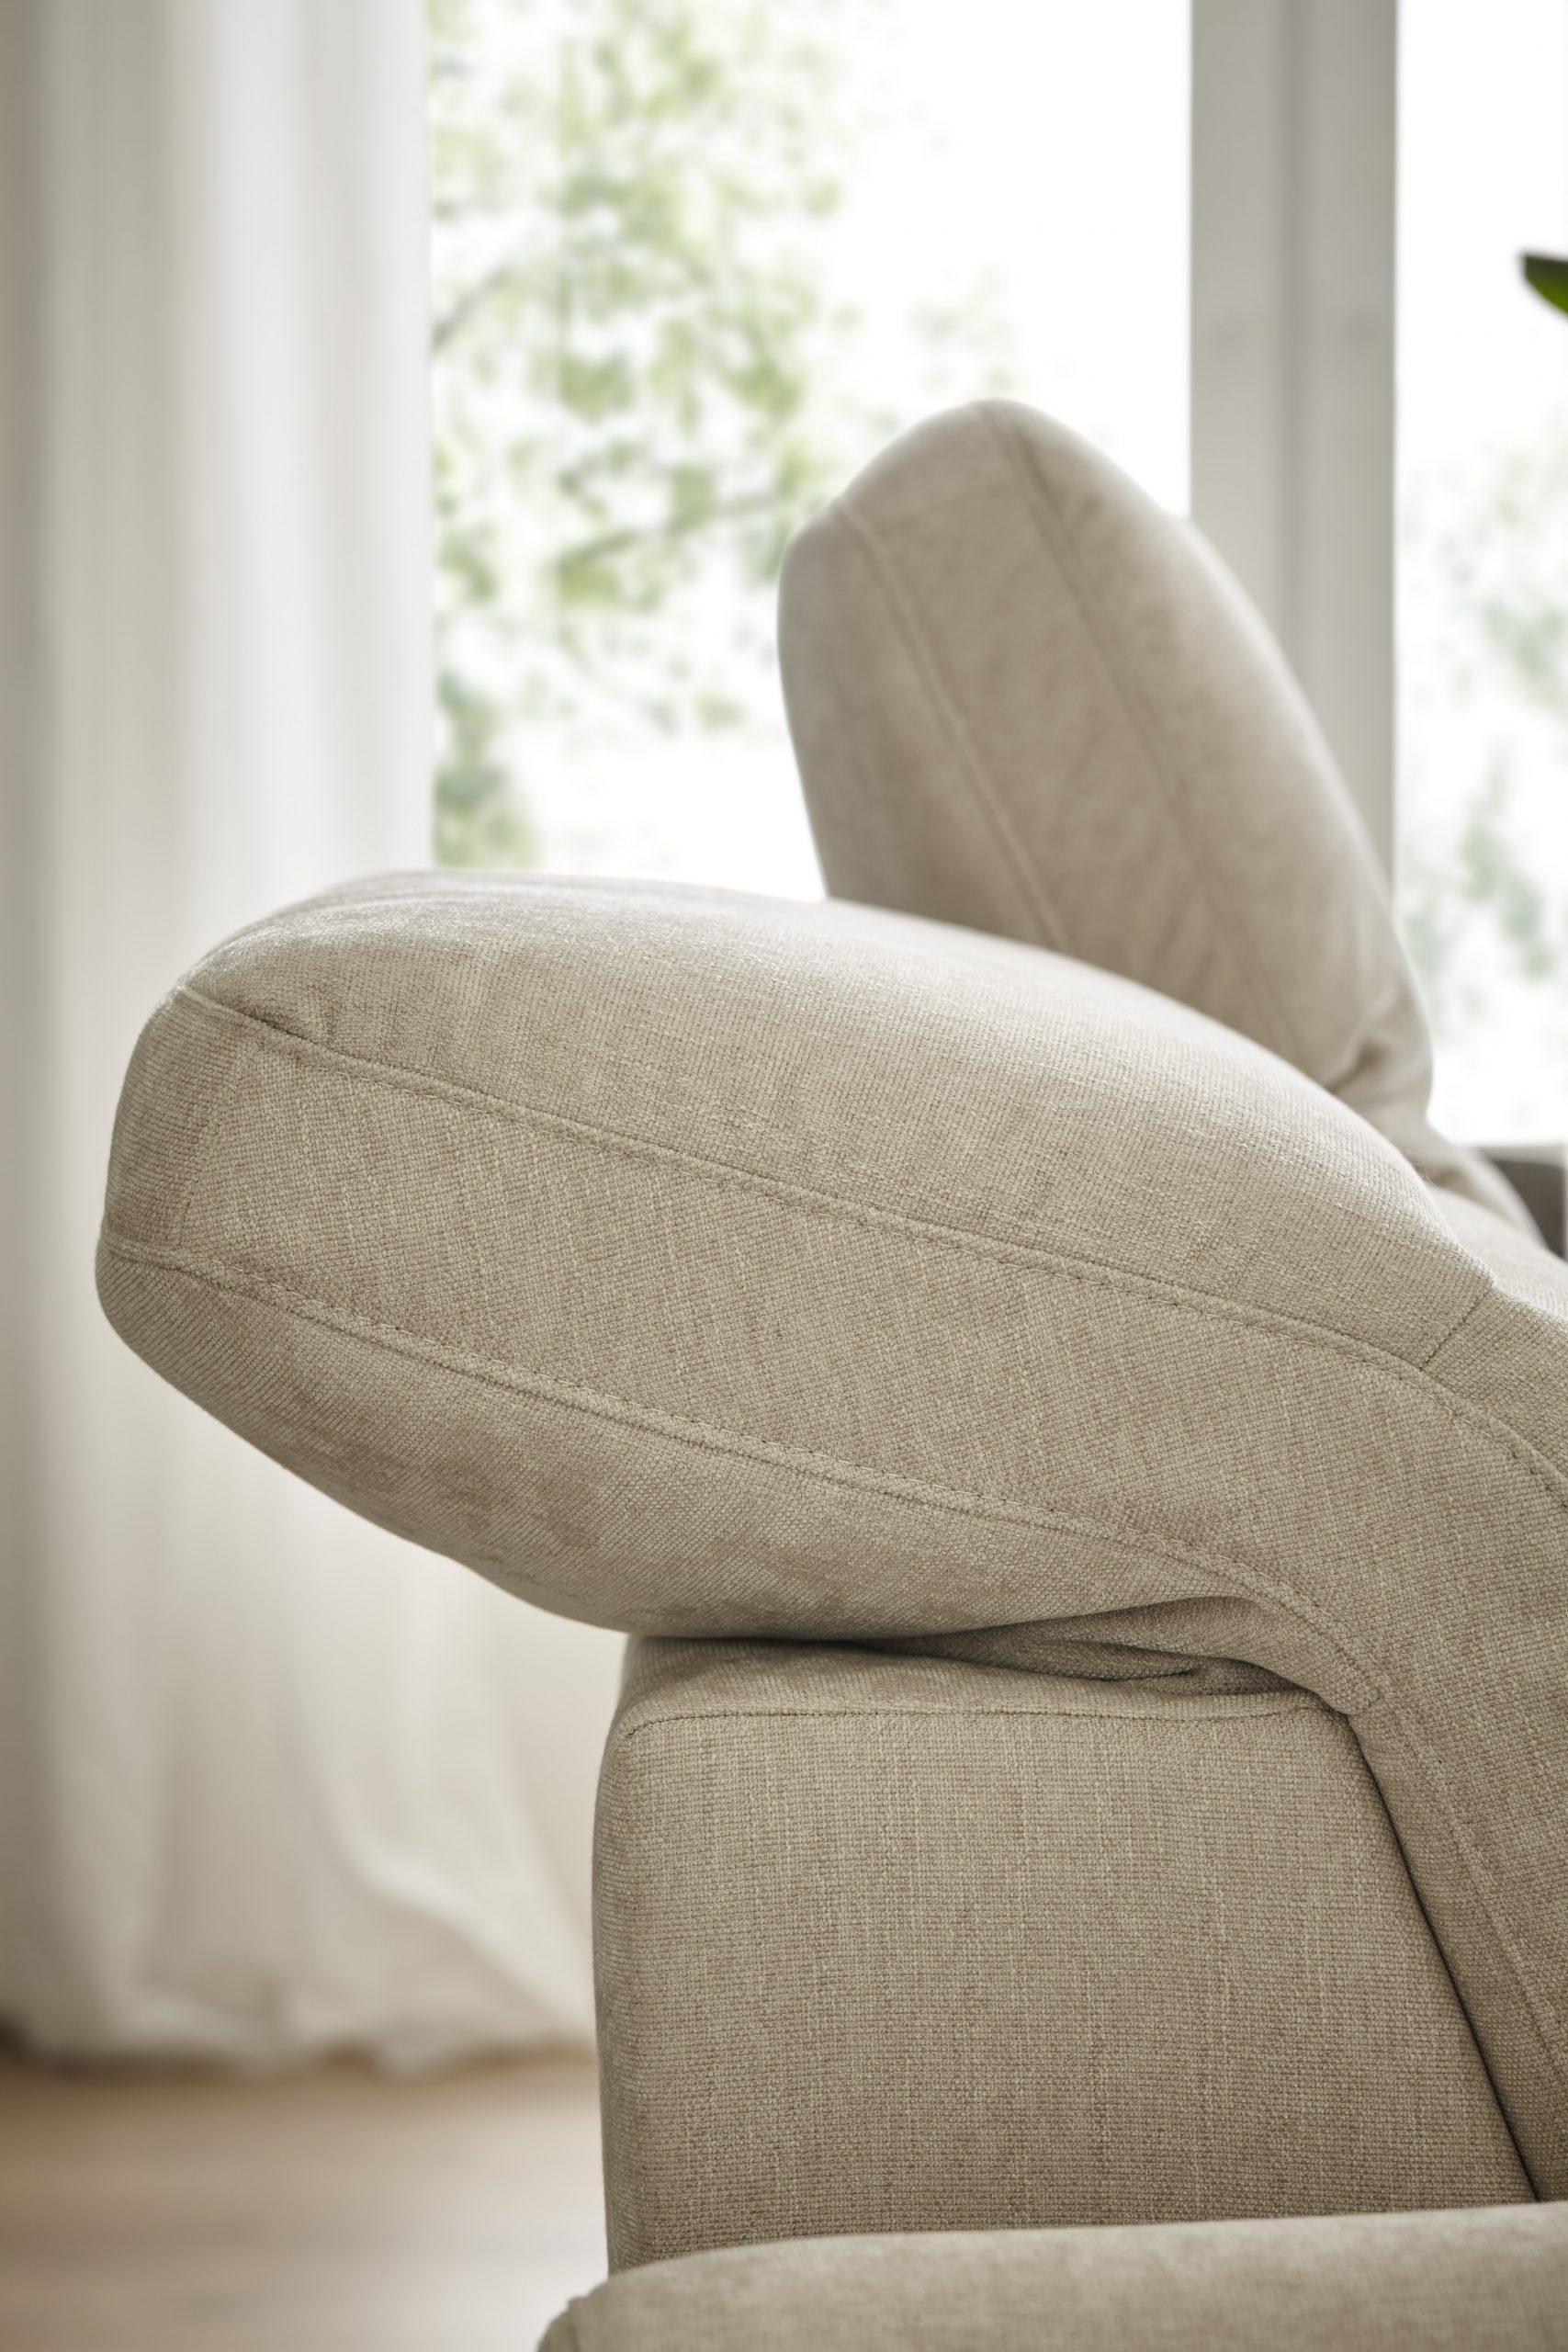 Full Size of Kleines 3 Sitzer Sofa Natura Michigan In Creme Farbenem Stoff Cognac Canape Mit Relaxfunktion überzug Petrol L Schlaffunktion Halbrund U Form Xxl Für Sofa Kleines Sofa